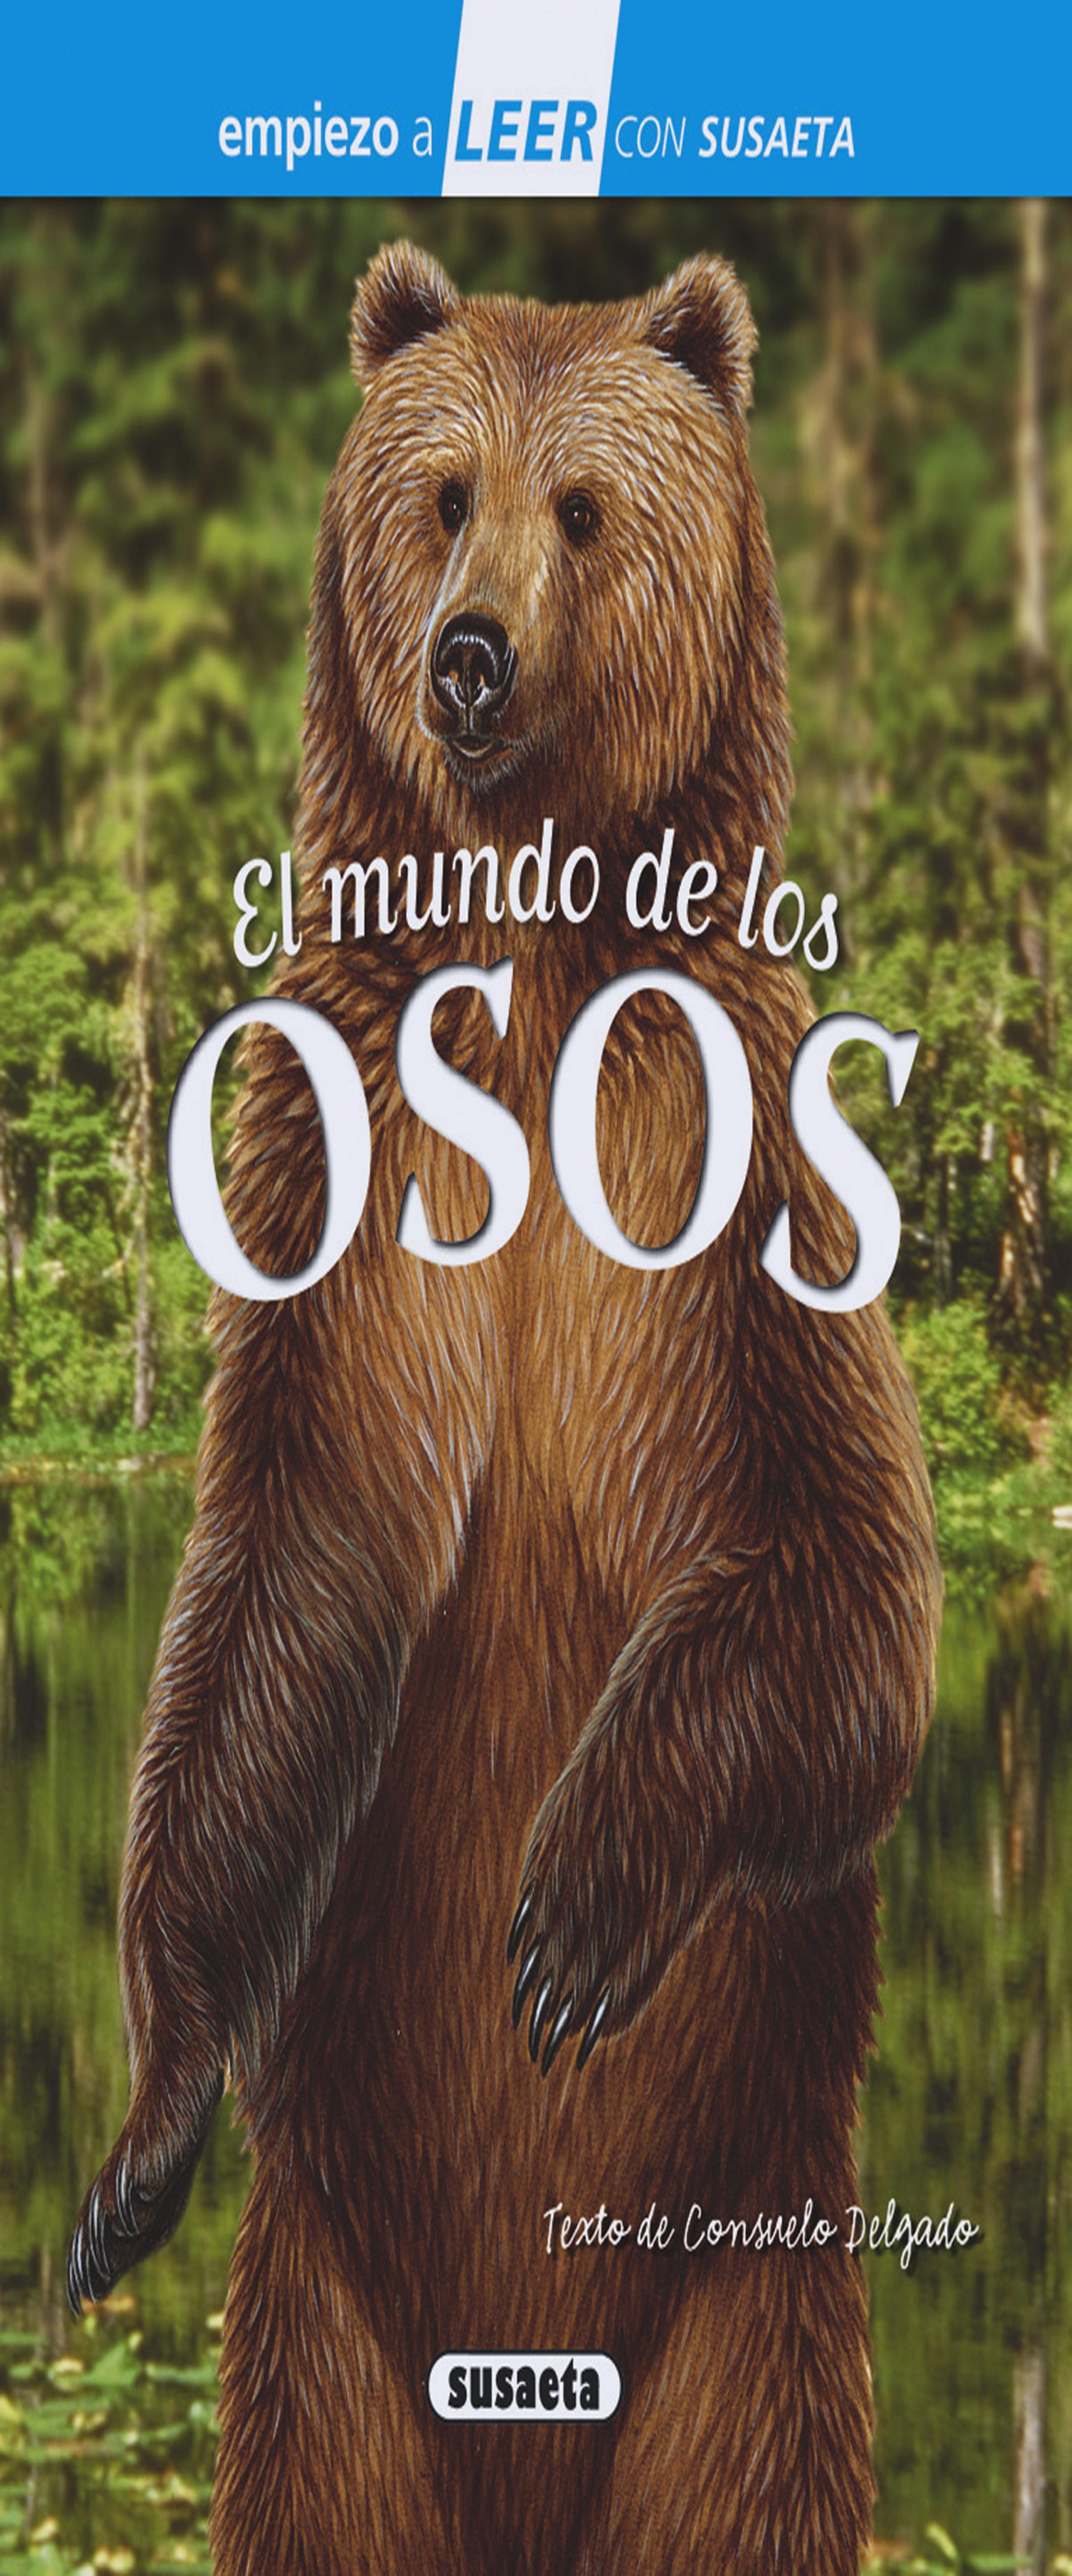 MUNDO DE LOS OSOS, EL